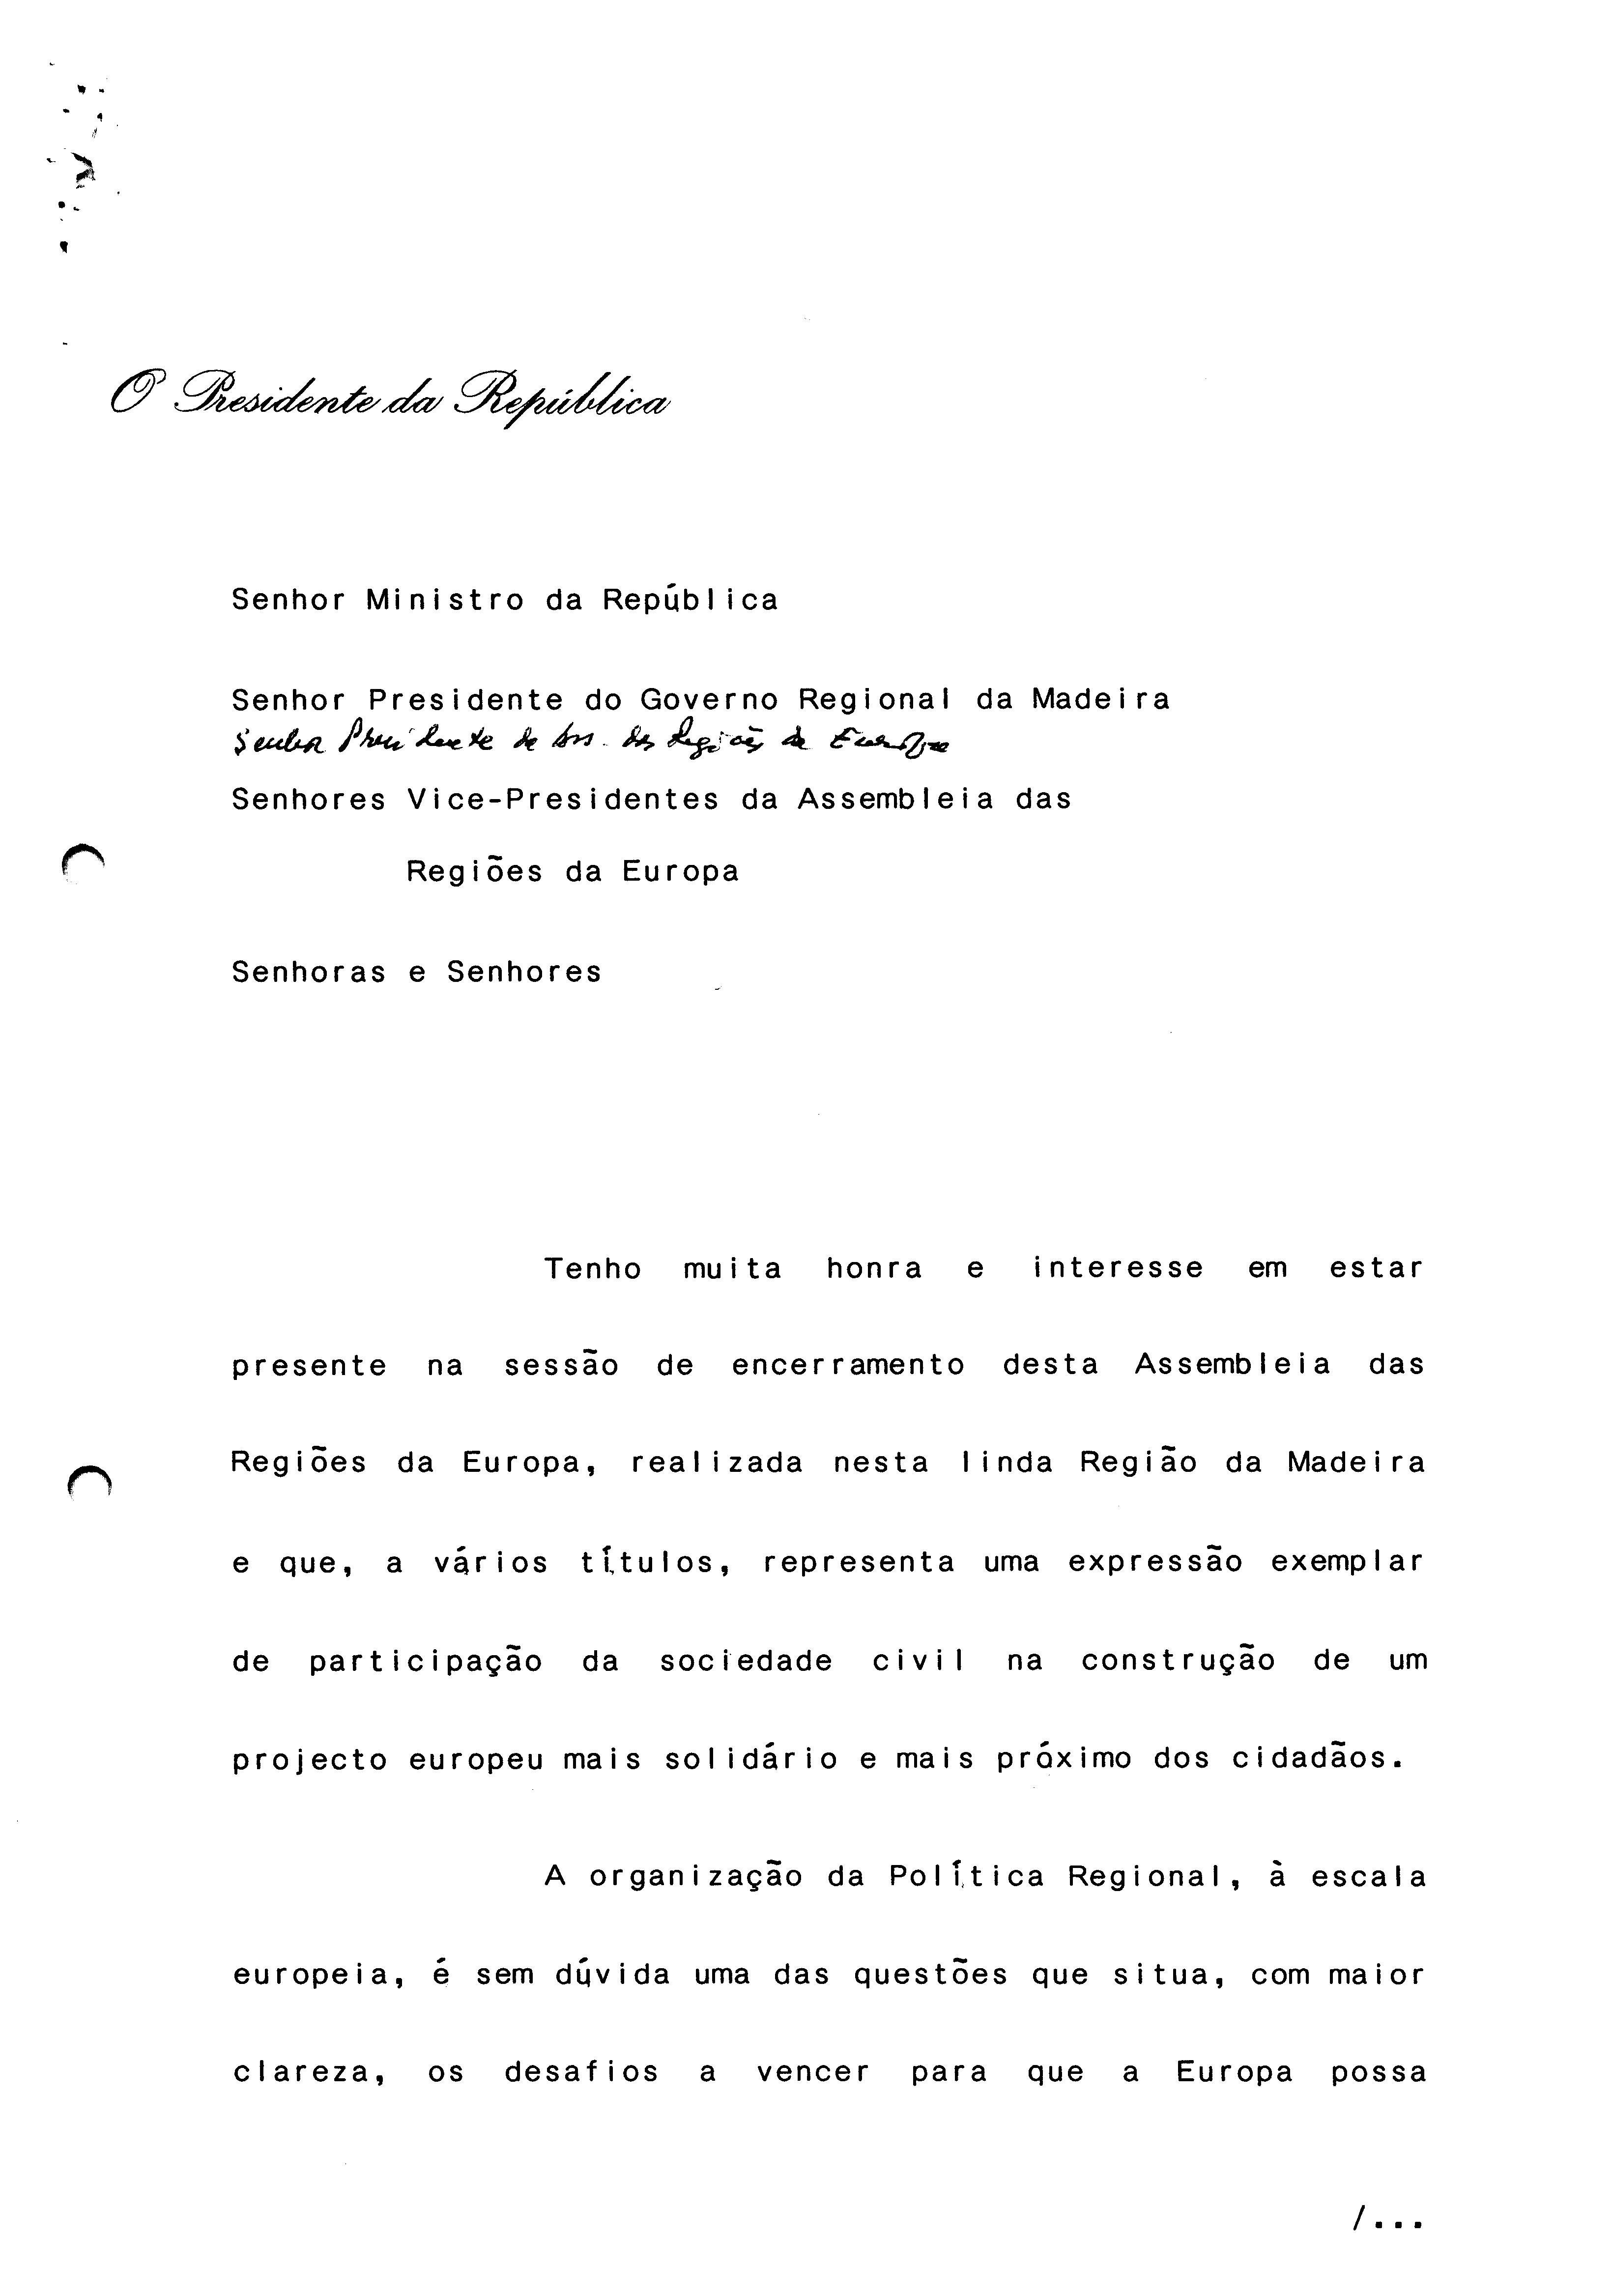 00399.034- pag.1